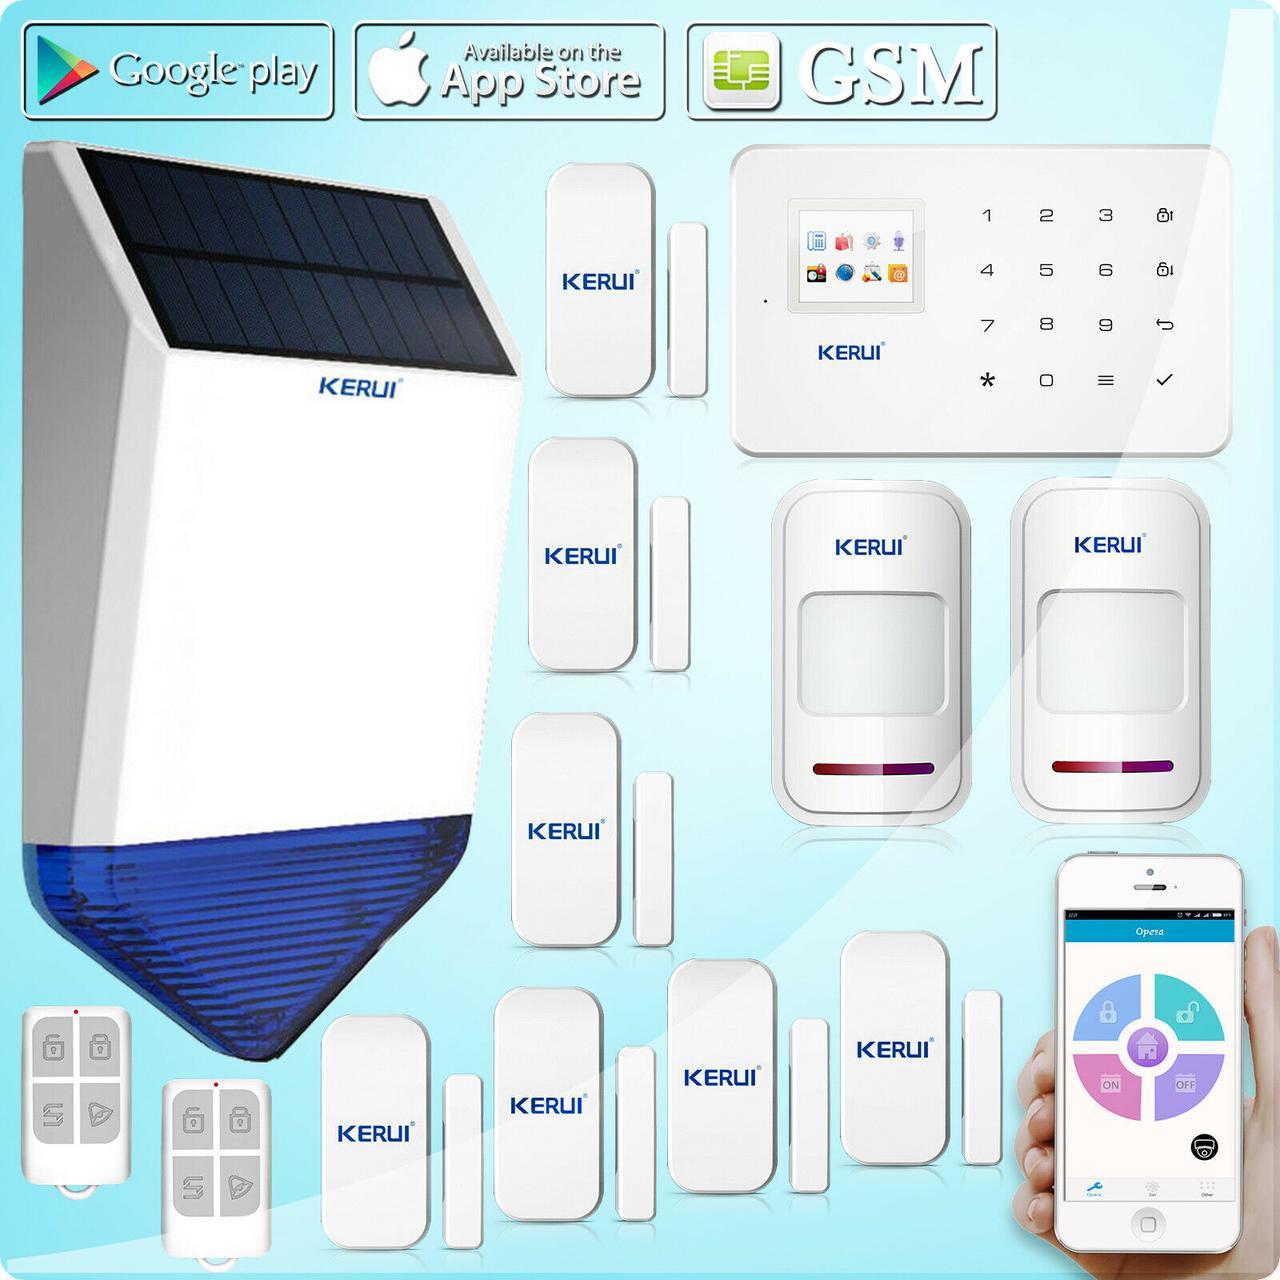 Комплект бездротової GSM сигналізації Kerui G18 prof + сирена сонячної батареї (KDKFID876FHNNFK)